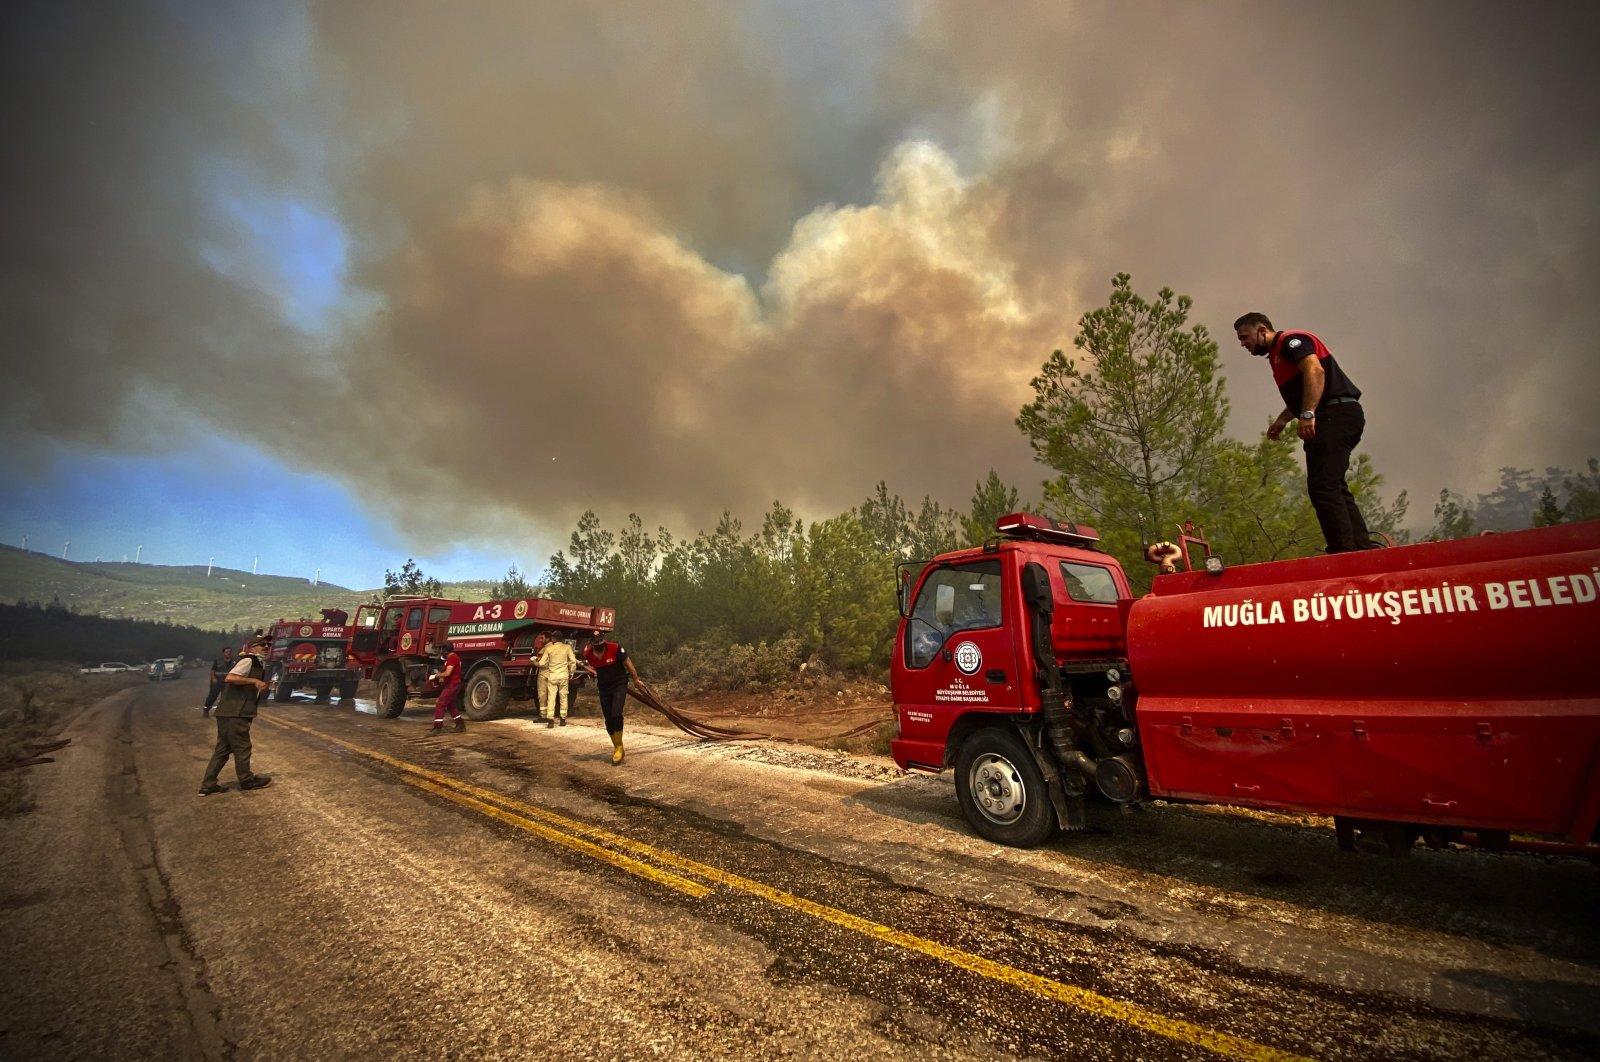 استغلال حرائق الغابات في تركيا للهجوم على الحكومة